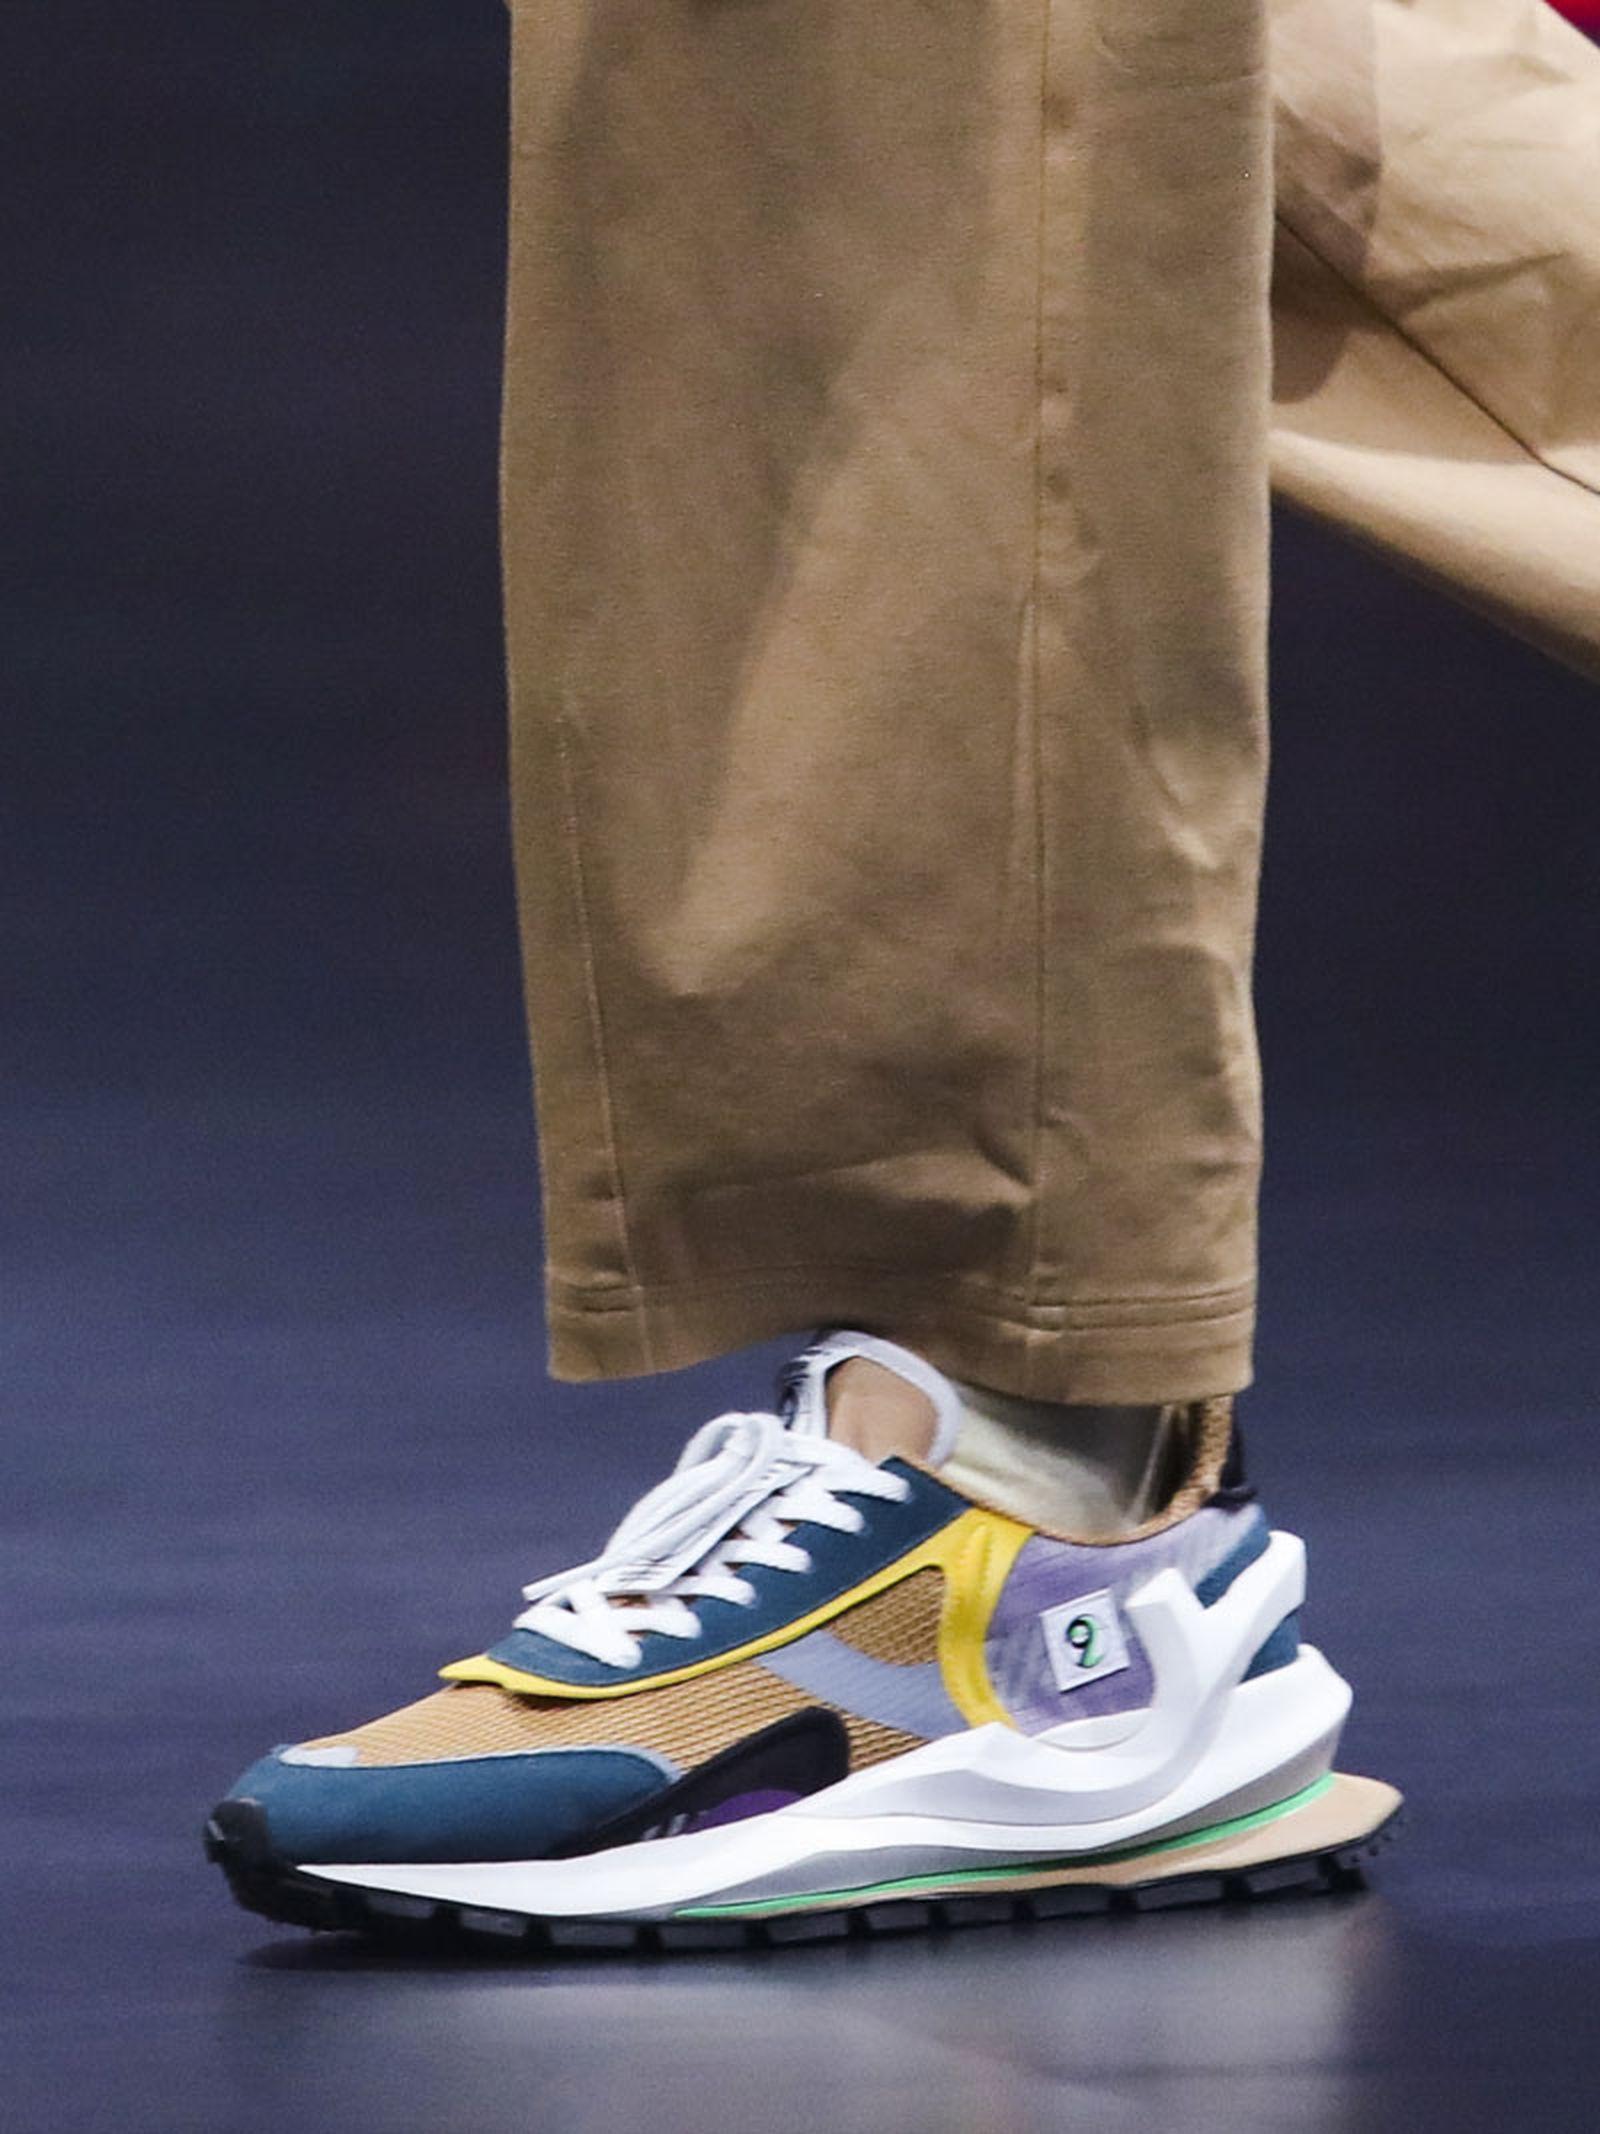 li-ning-ss21-footwear-collection-paris-fashion-week-08